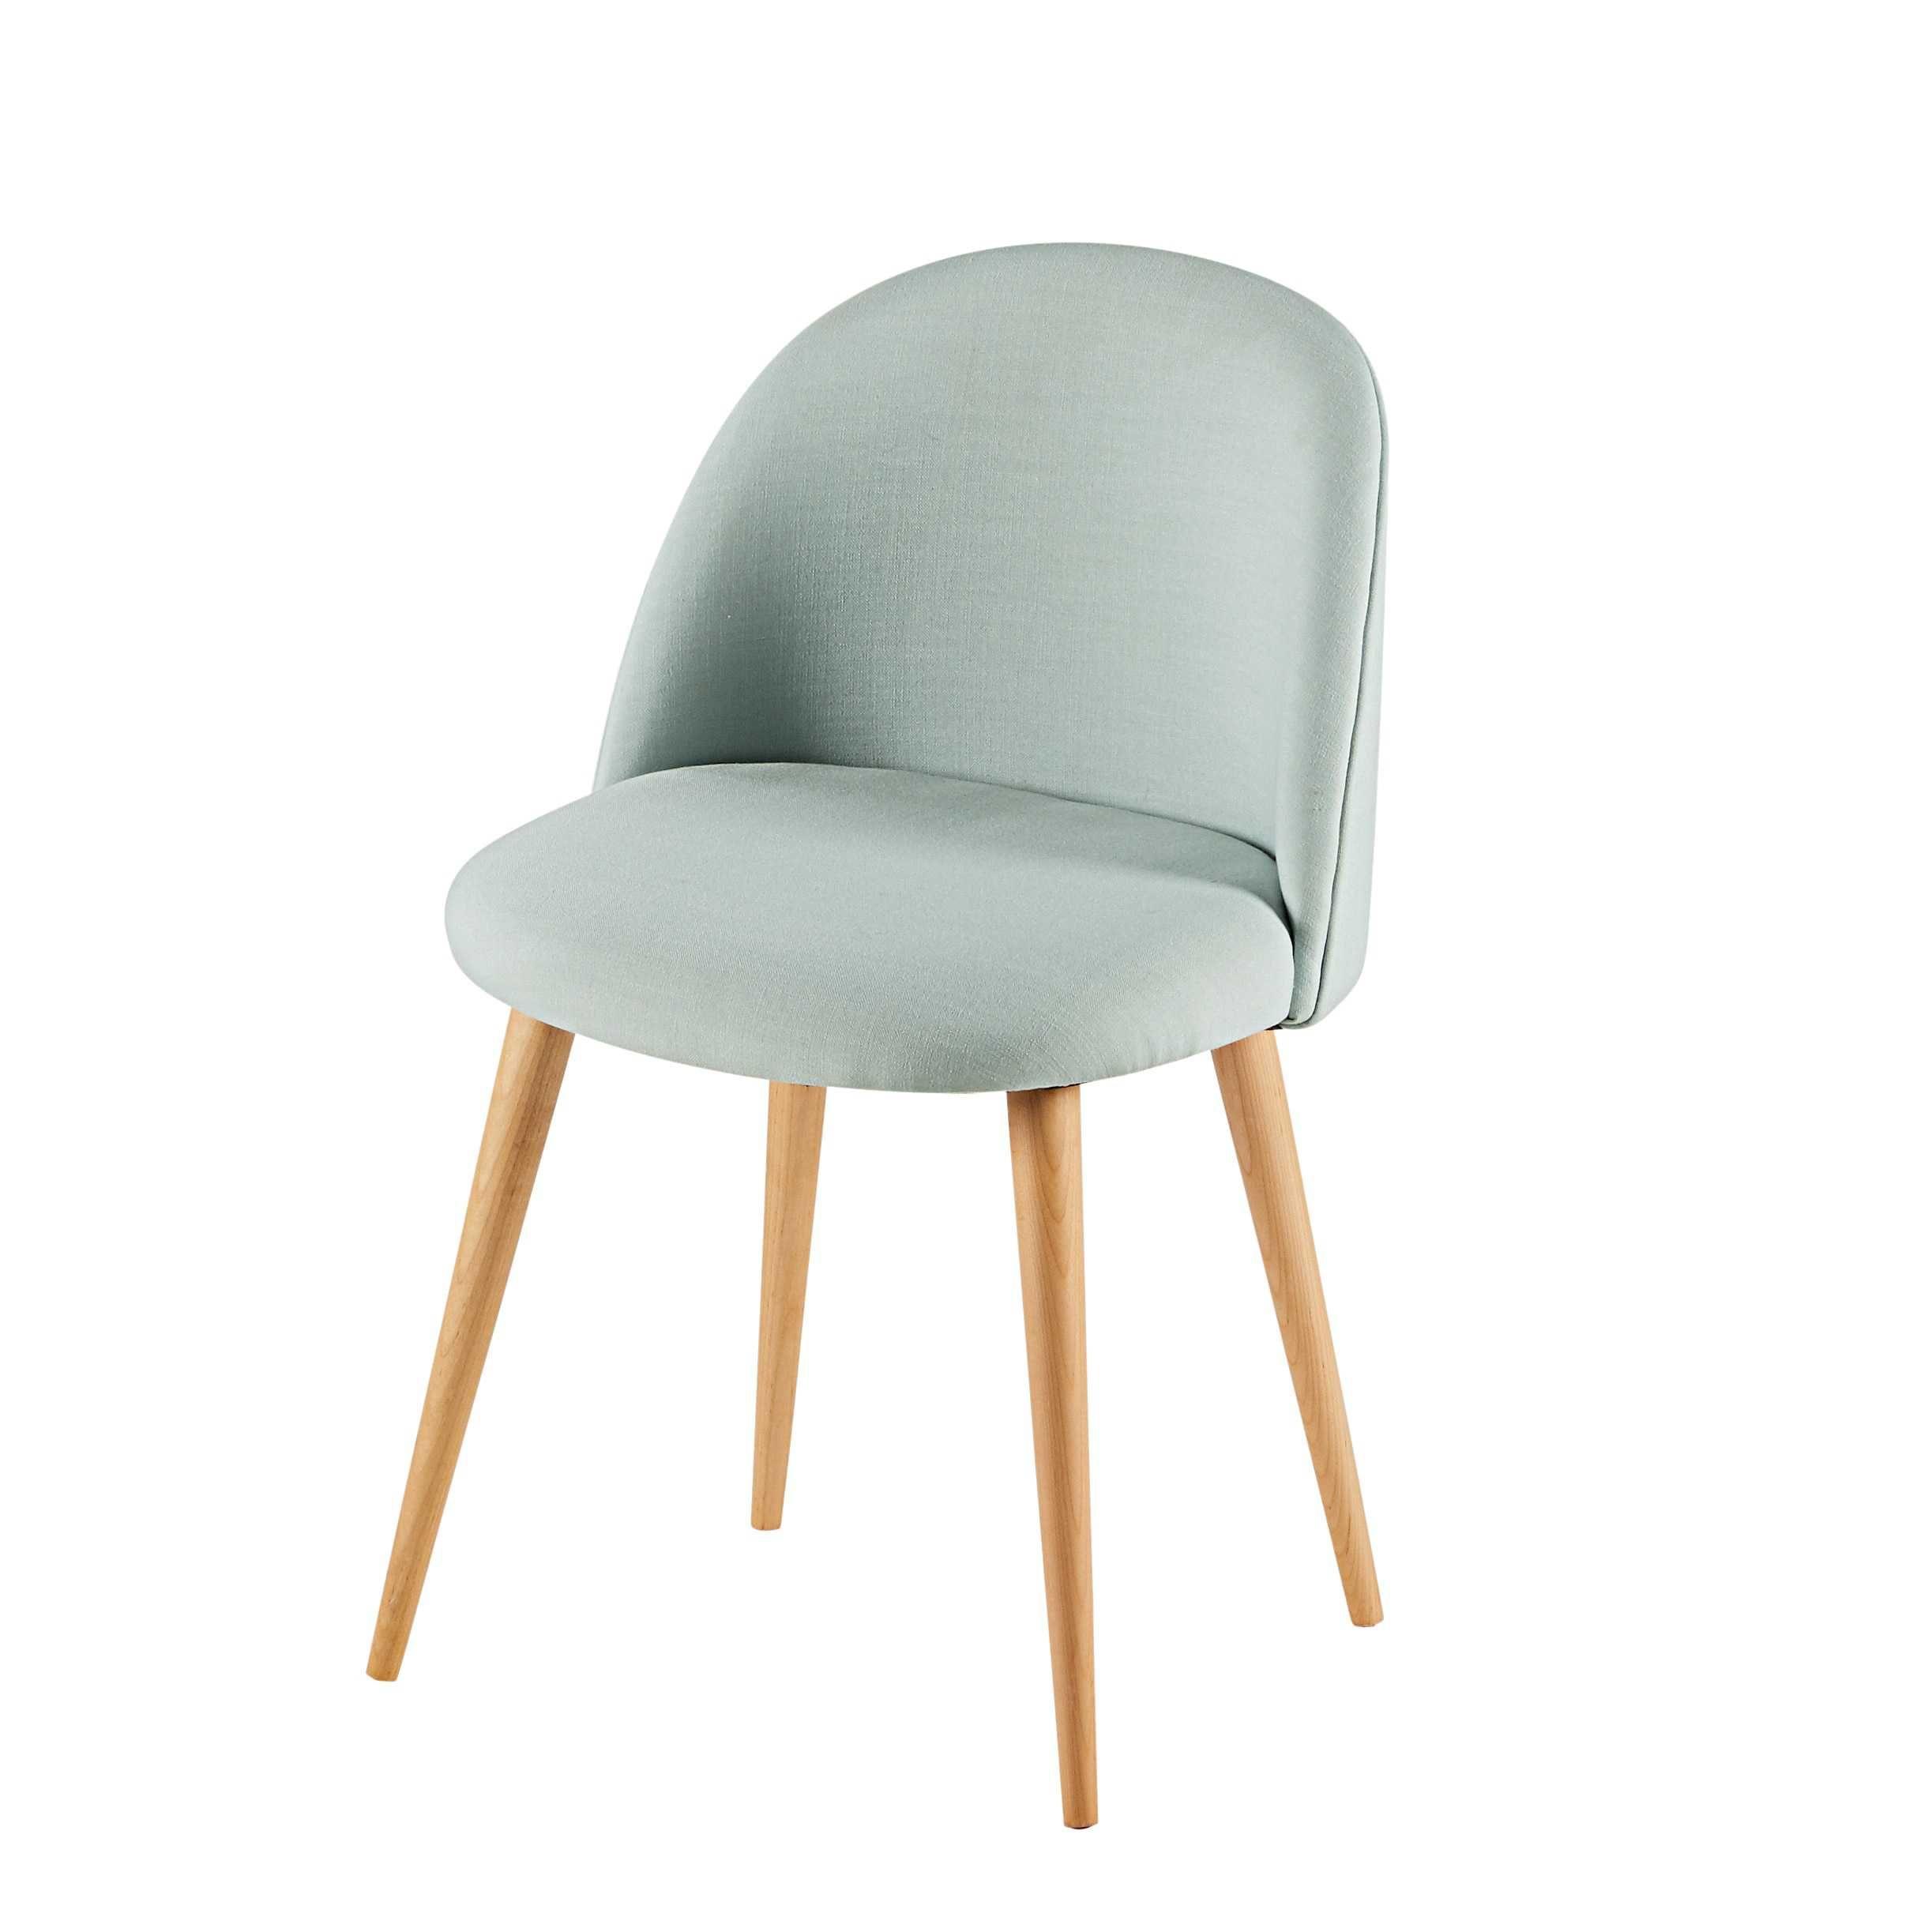 chaise en tissu vert d 39 eau et bouleau massif mauricette. Black Bedroom Furniture Sets. Home Design Ideas